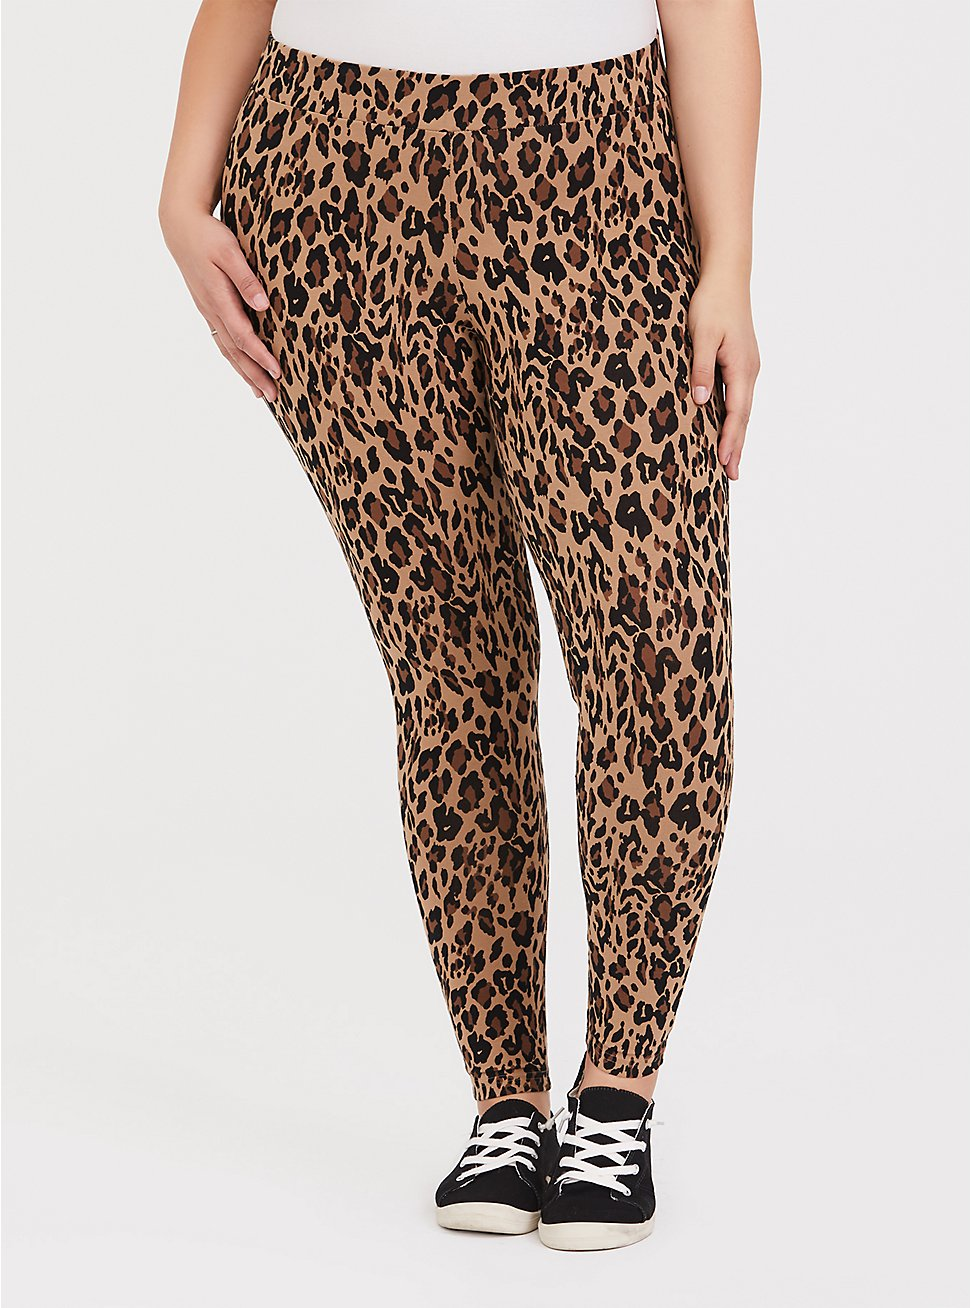 Premium Legging - Leopard Print, MULTI, hi-res